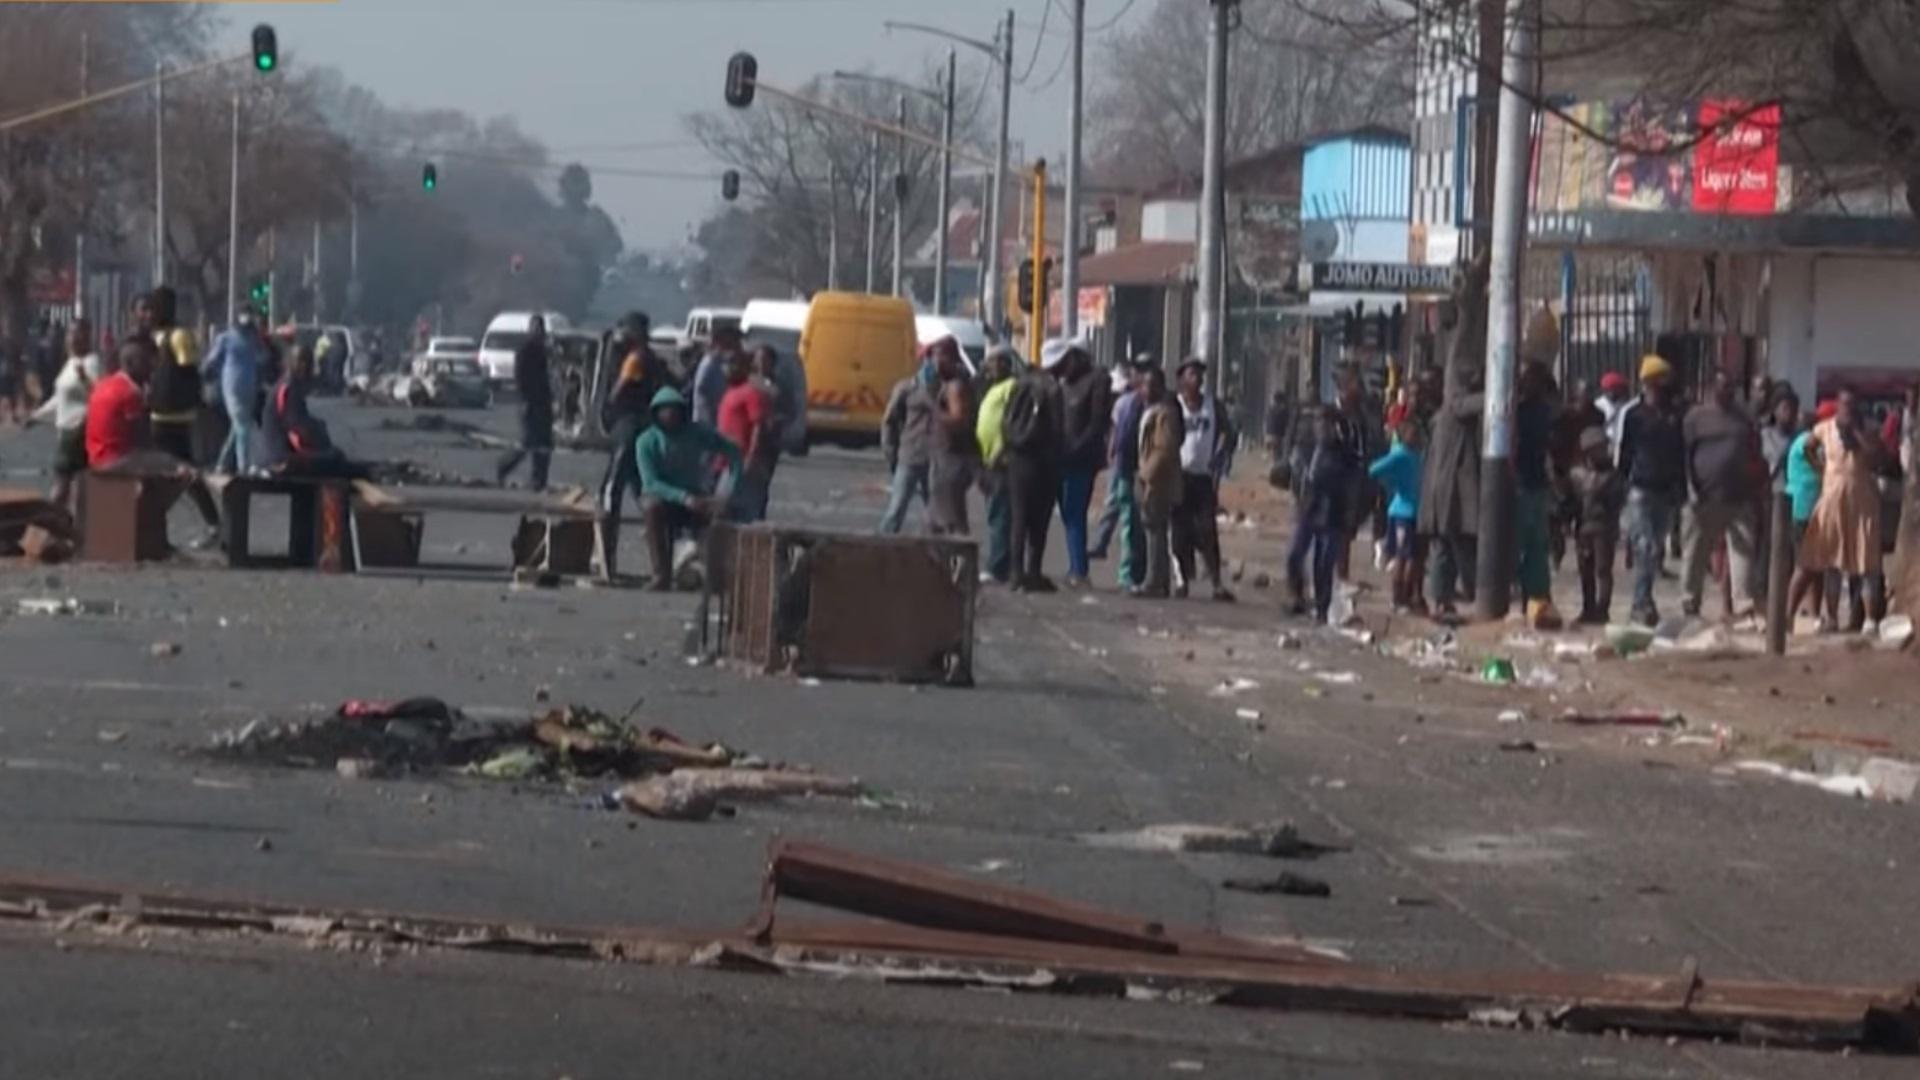 Νότια Αφρική: Ταραχές για τέταρτη ημέρα μετά τη φυλάκιση του Ζούμα